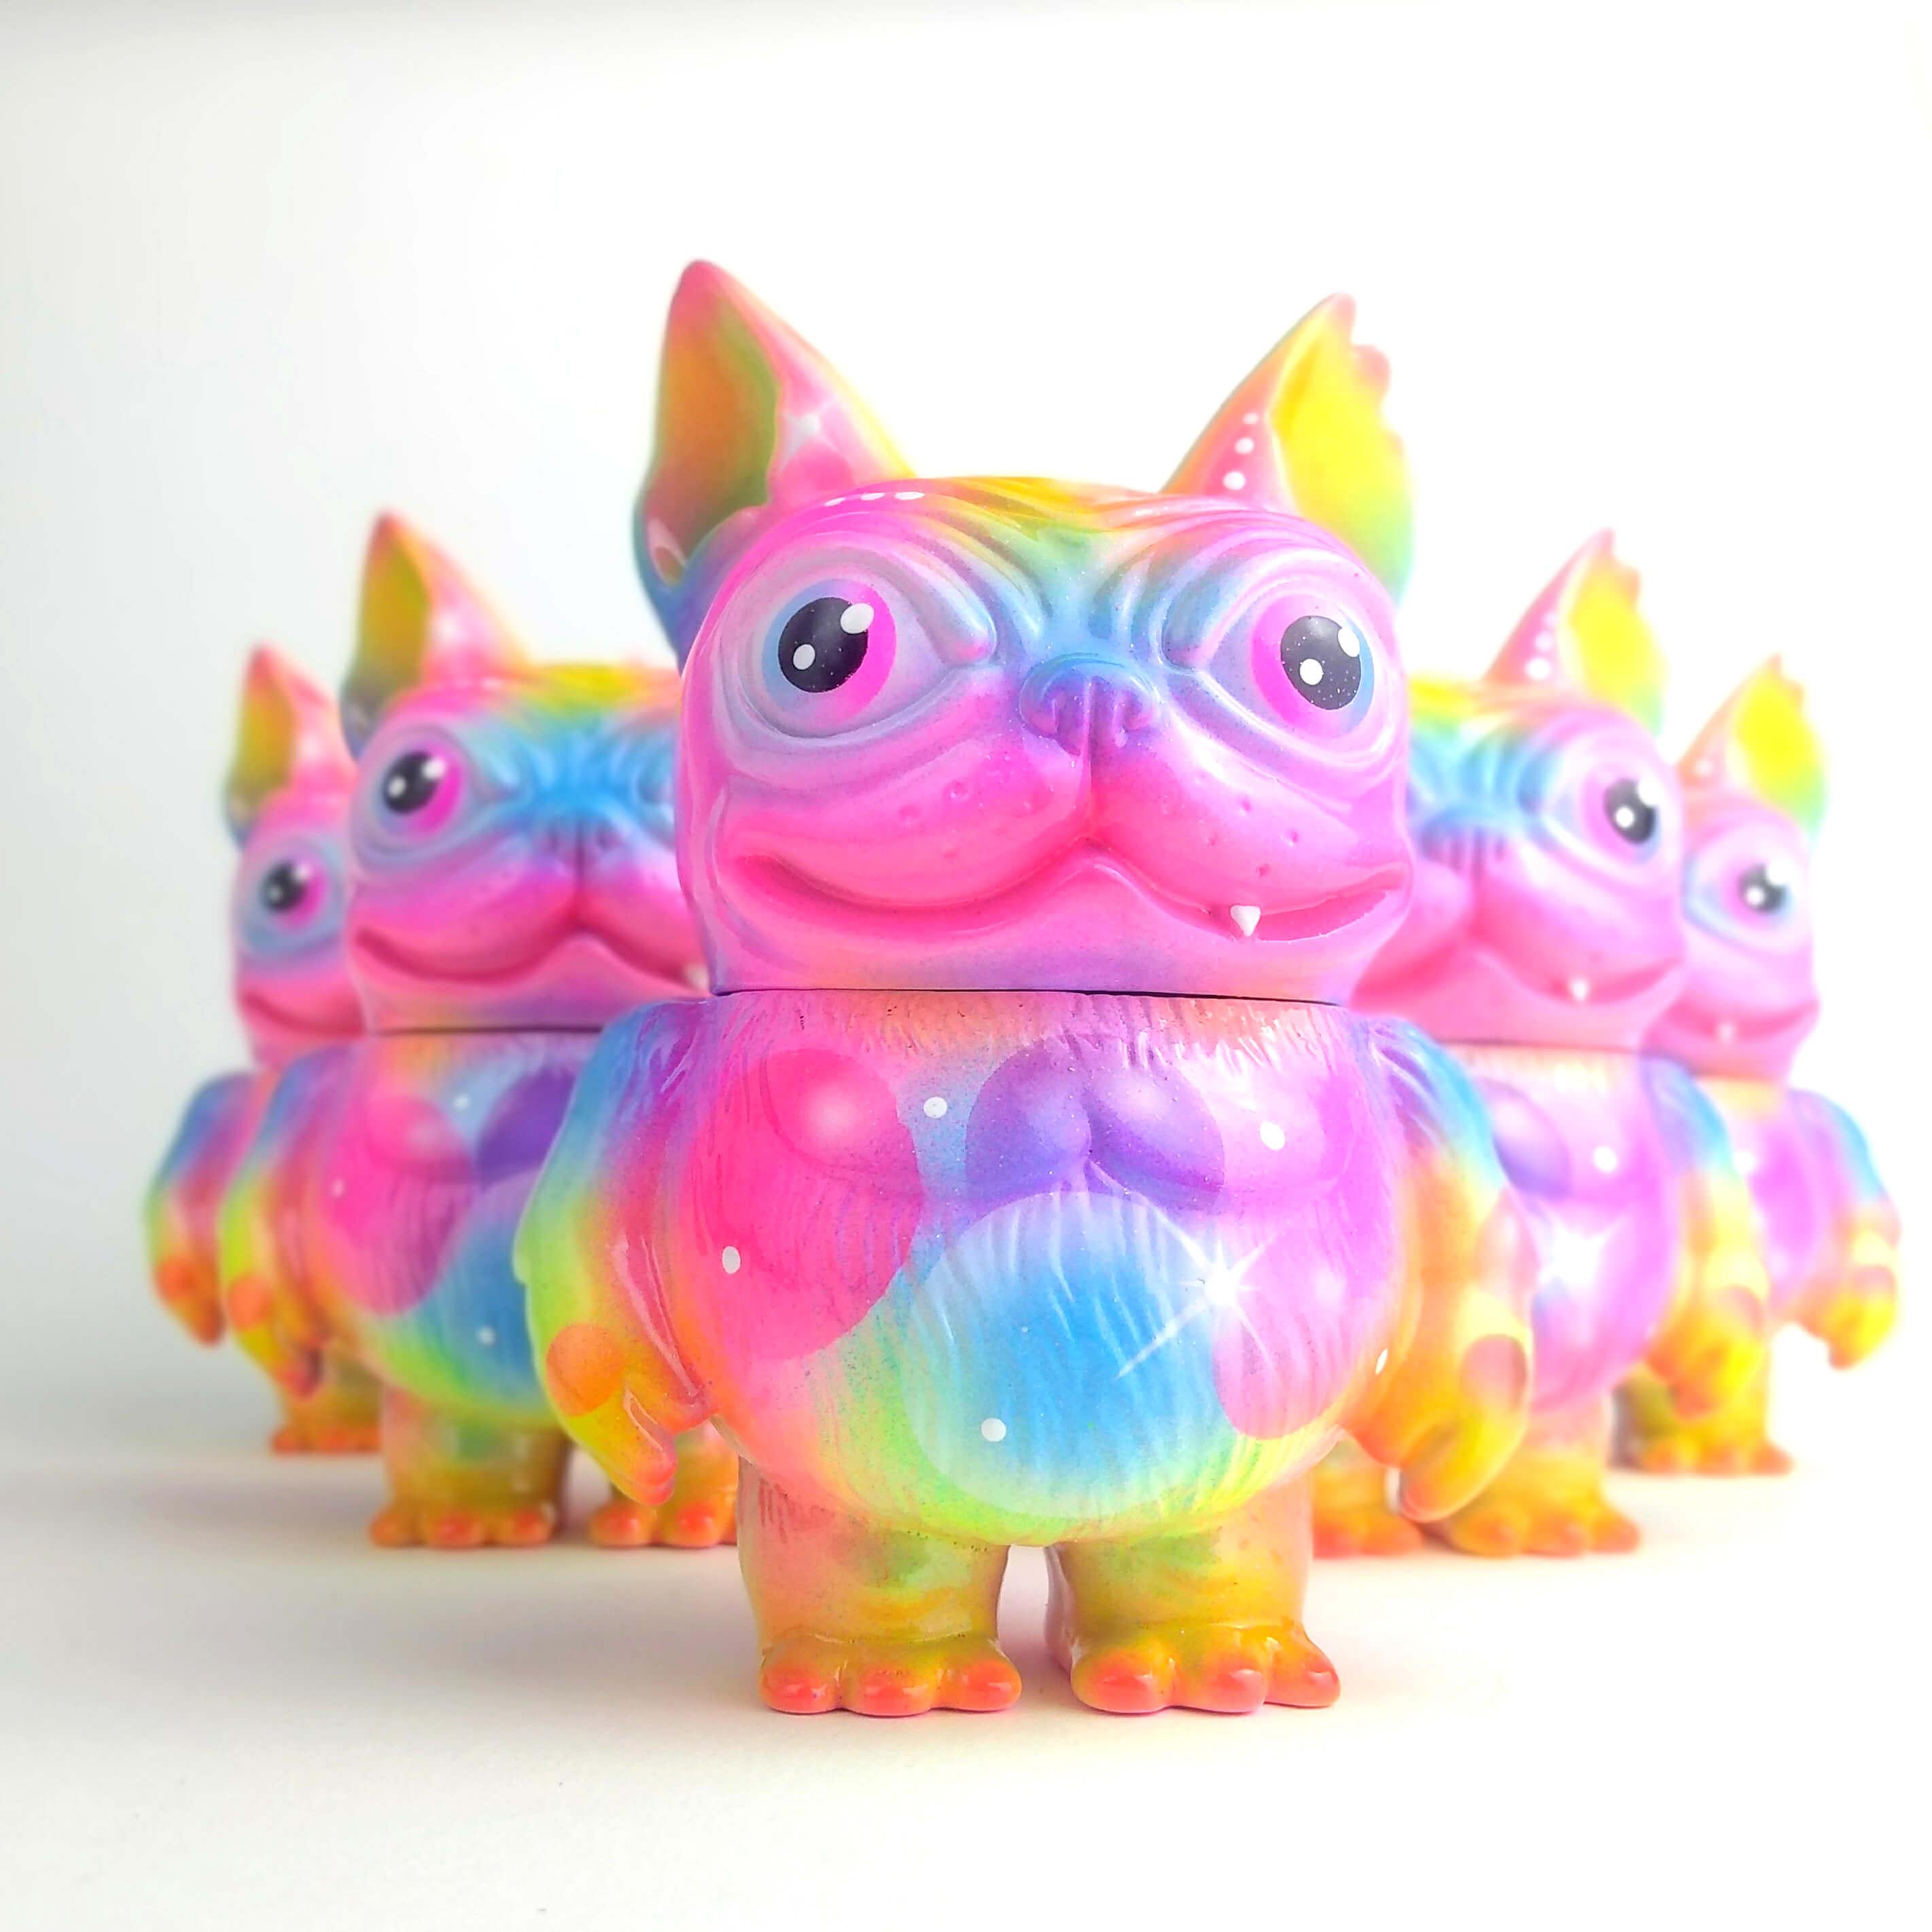 bubblegum-offspring-kurobokan-zukaty-1